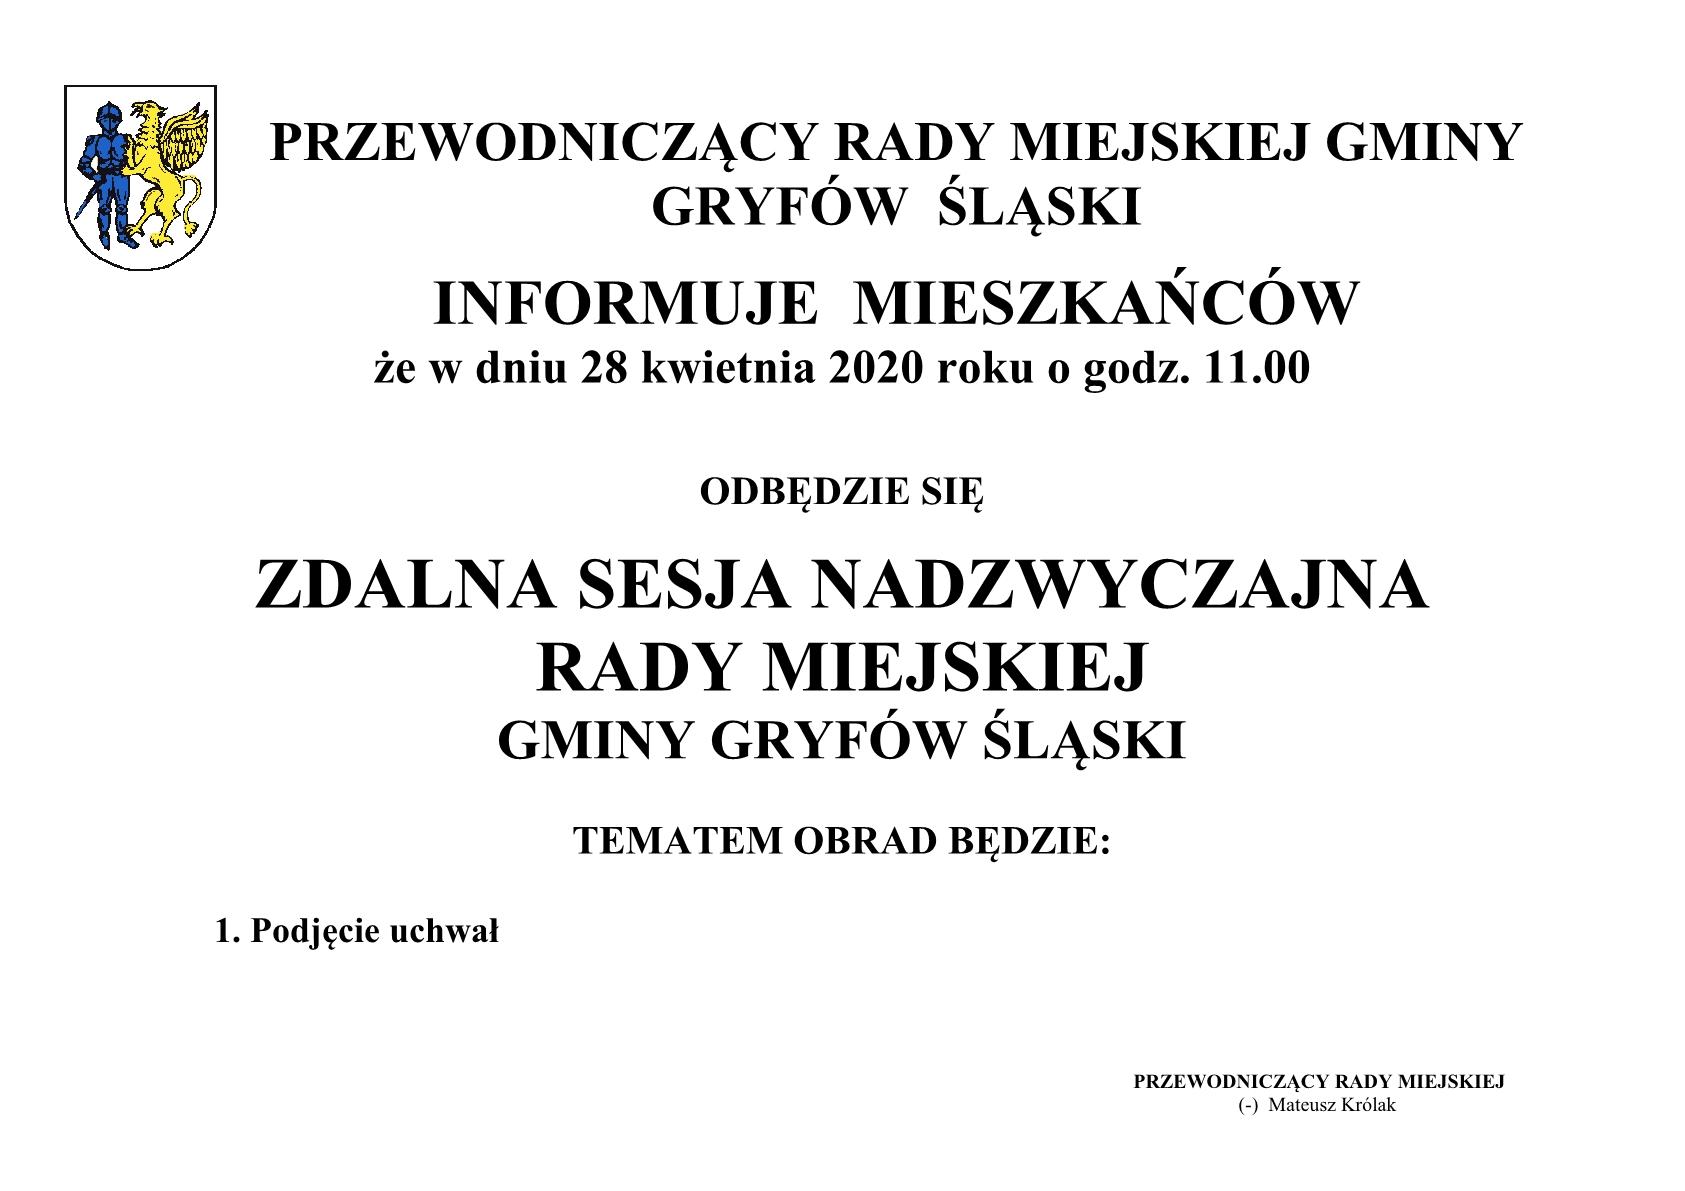 Ogłoszenie o sesji Rady Gminy i Miasta Gryfów Śląski